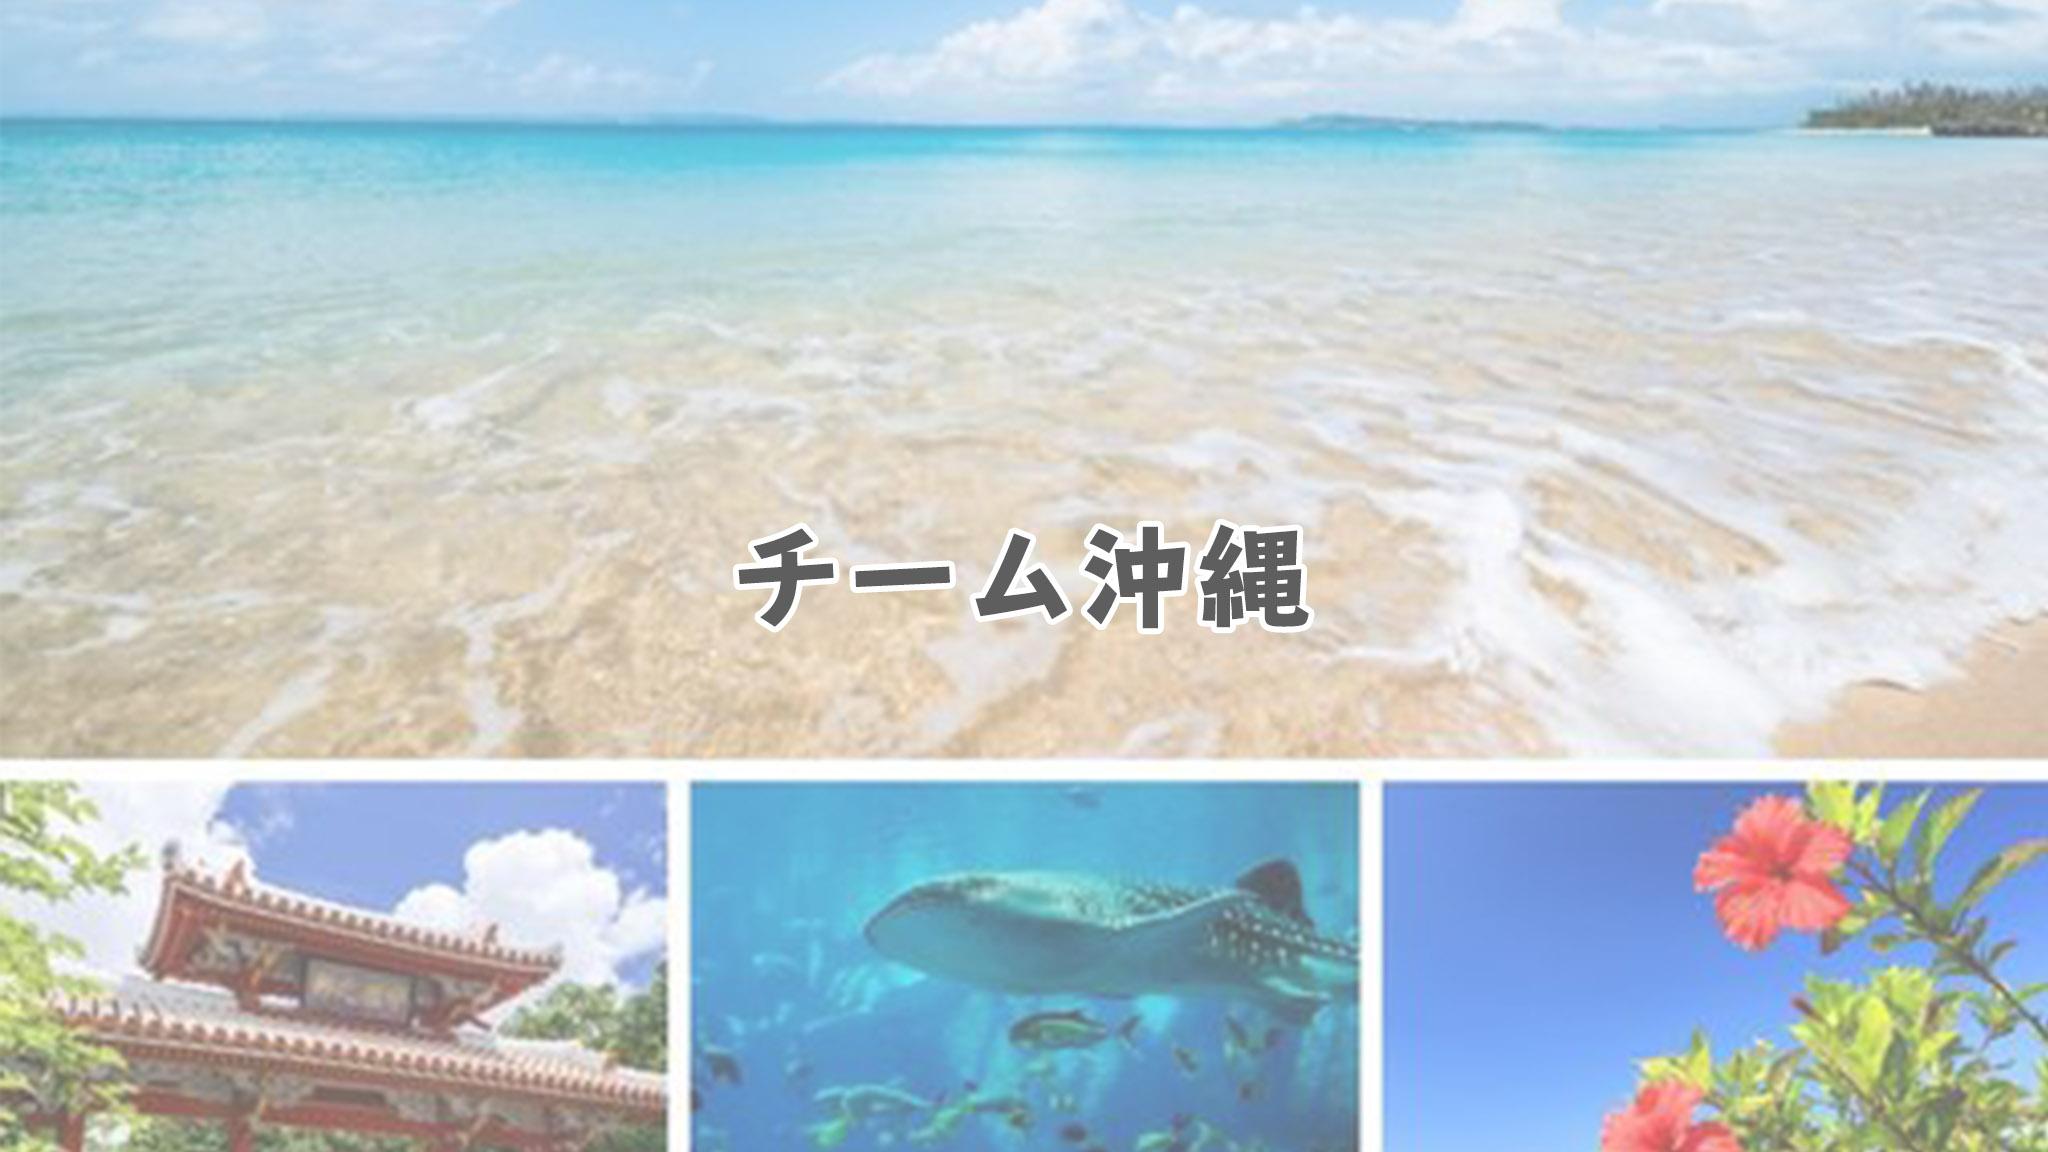 チーム沖縄